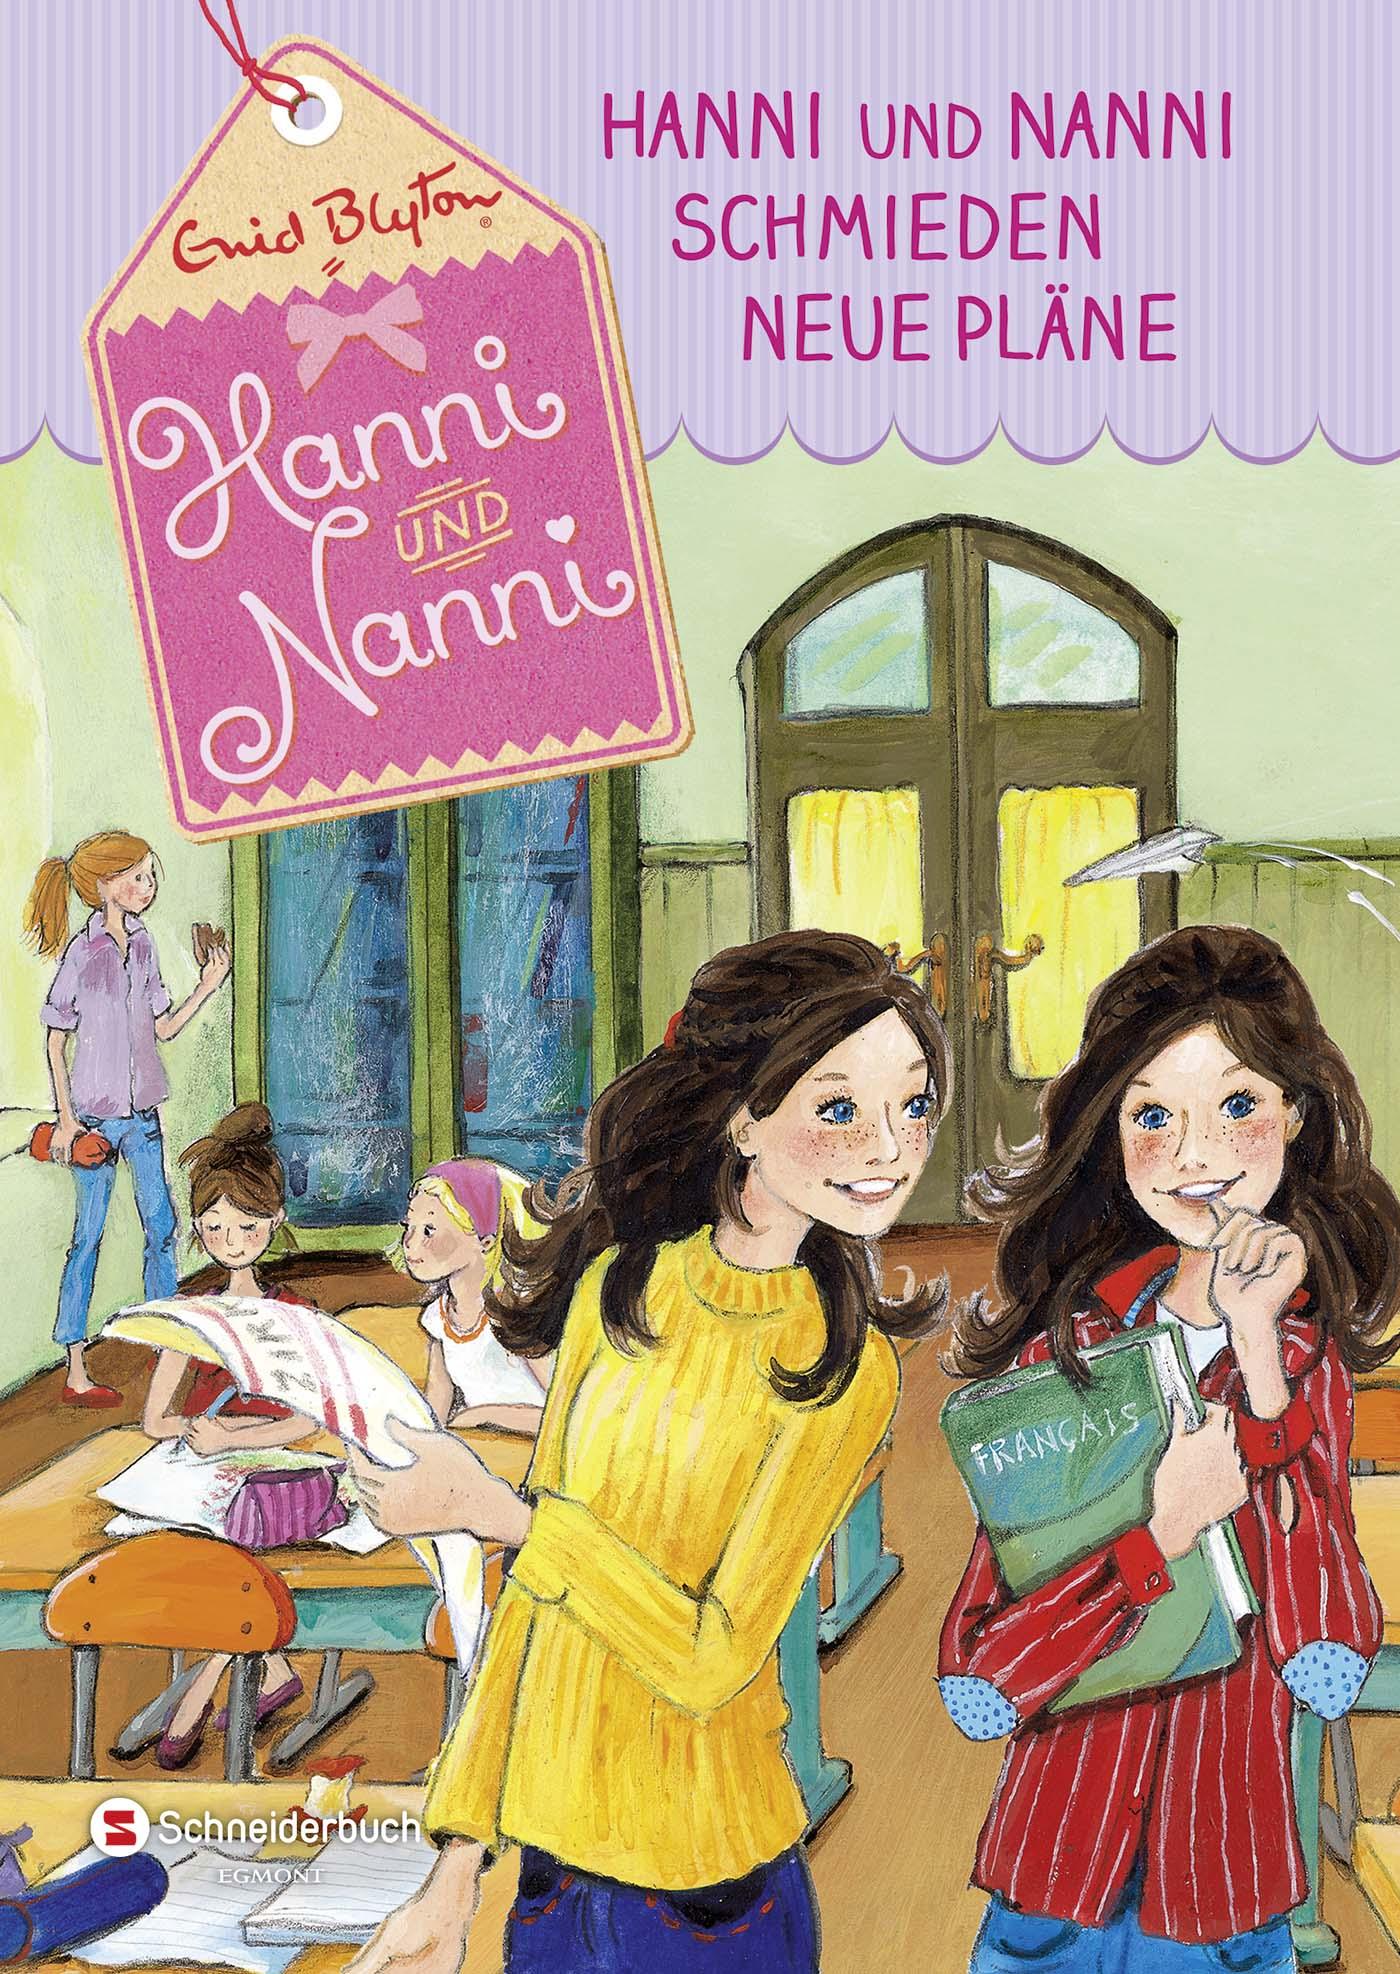 Enid Blyton ~ Hanni und Nanni 02. Hanni und Nanni schmieden ne ... 9783505137778